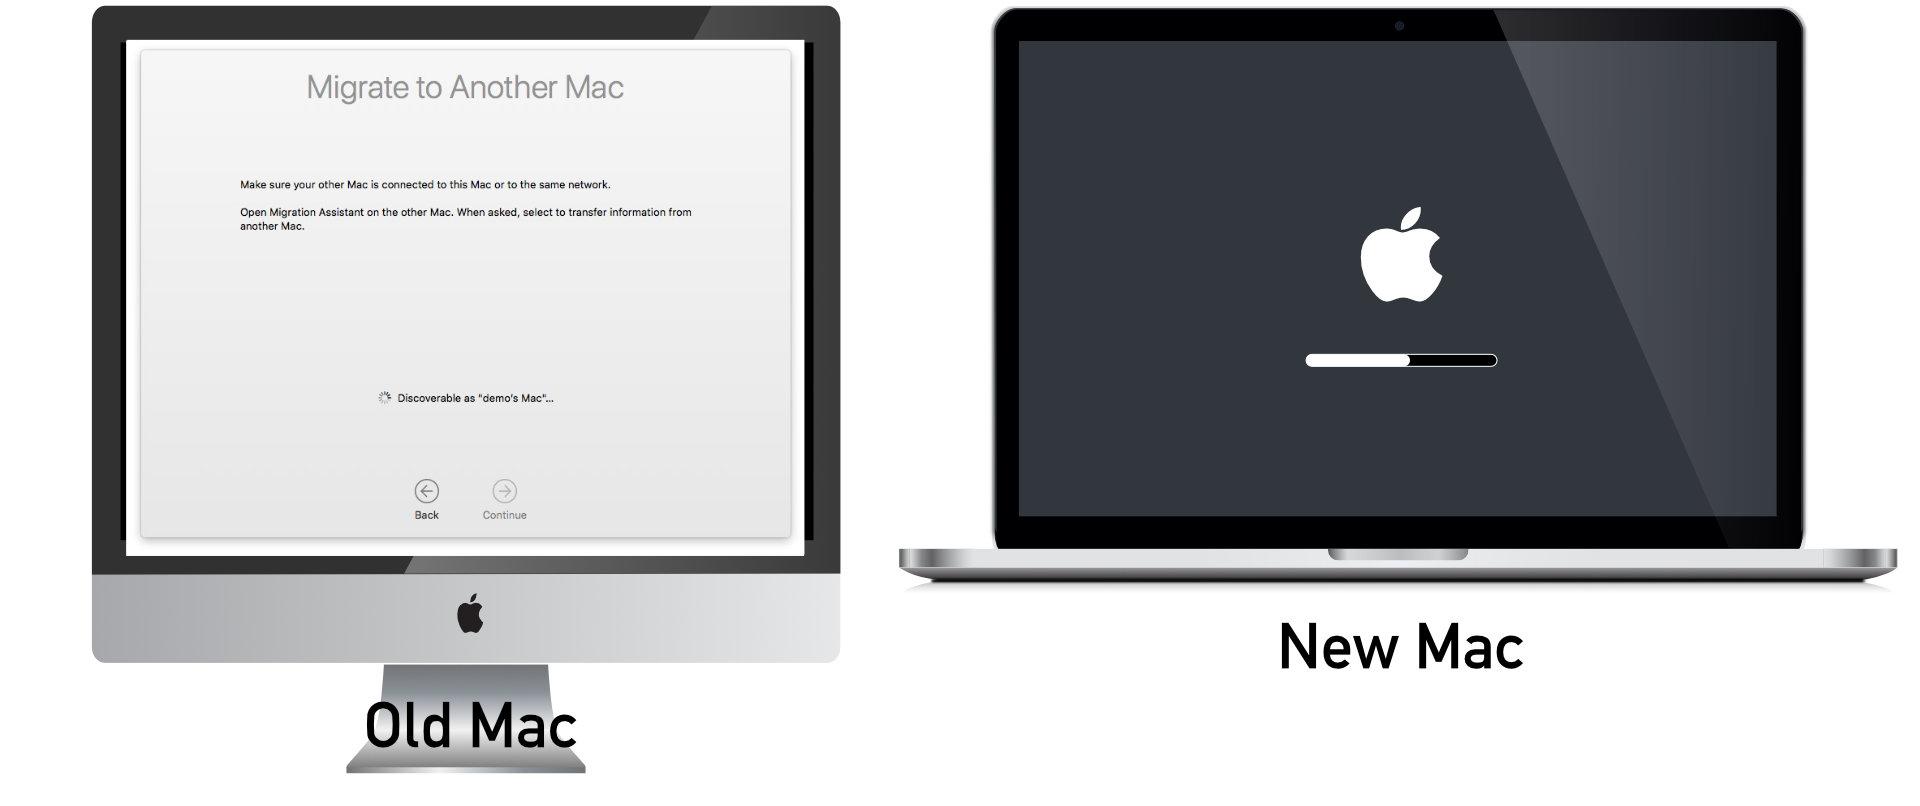 Turn on the new Mac.